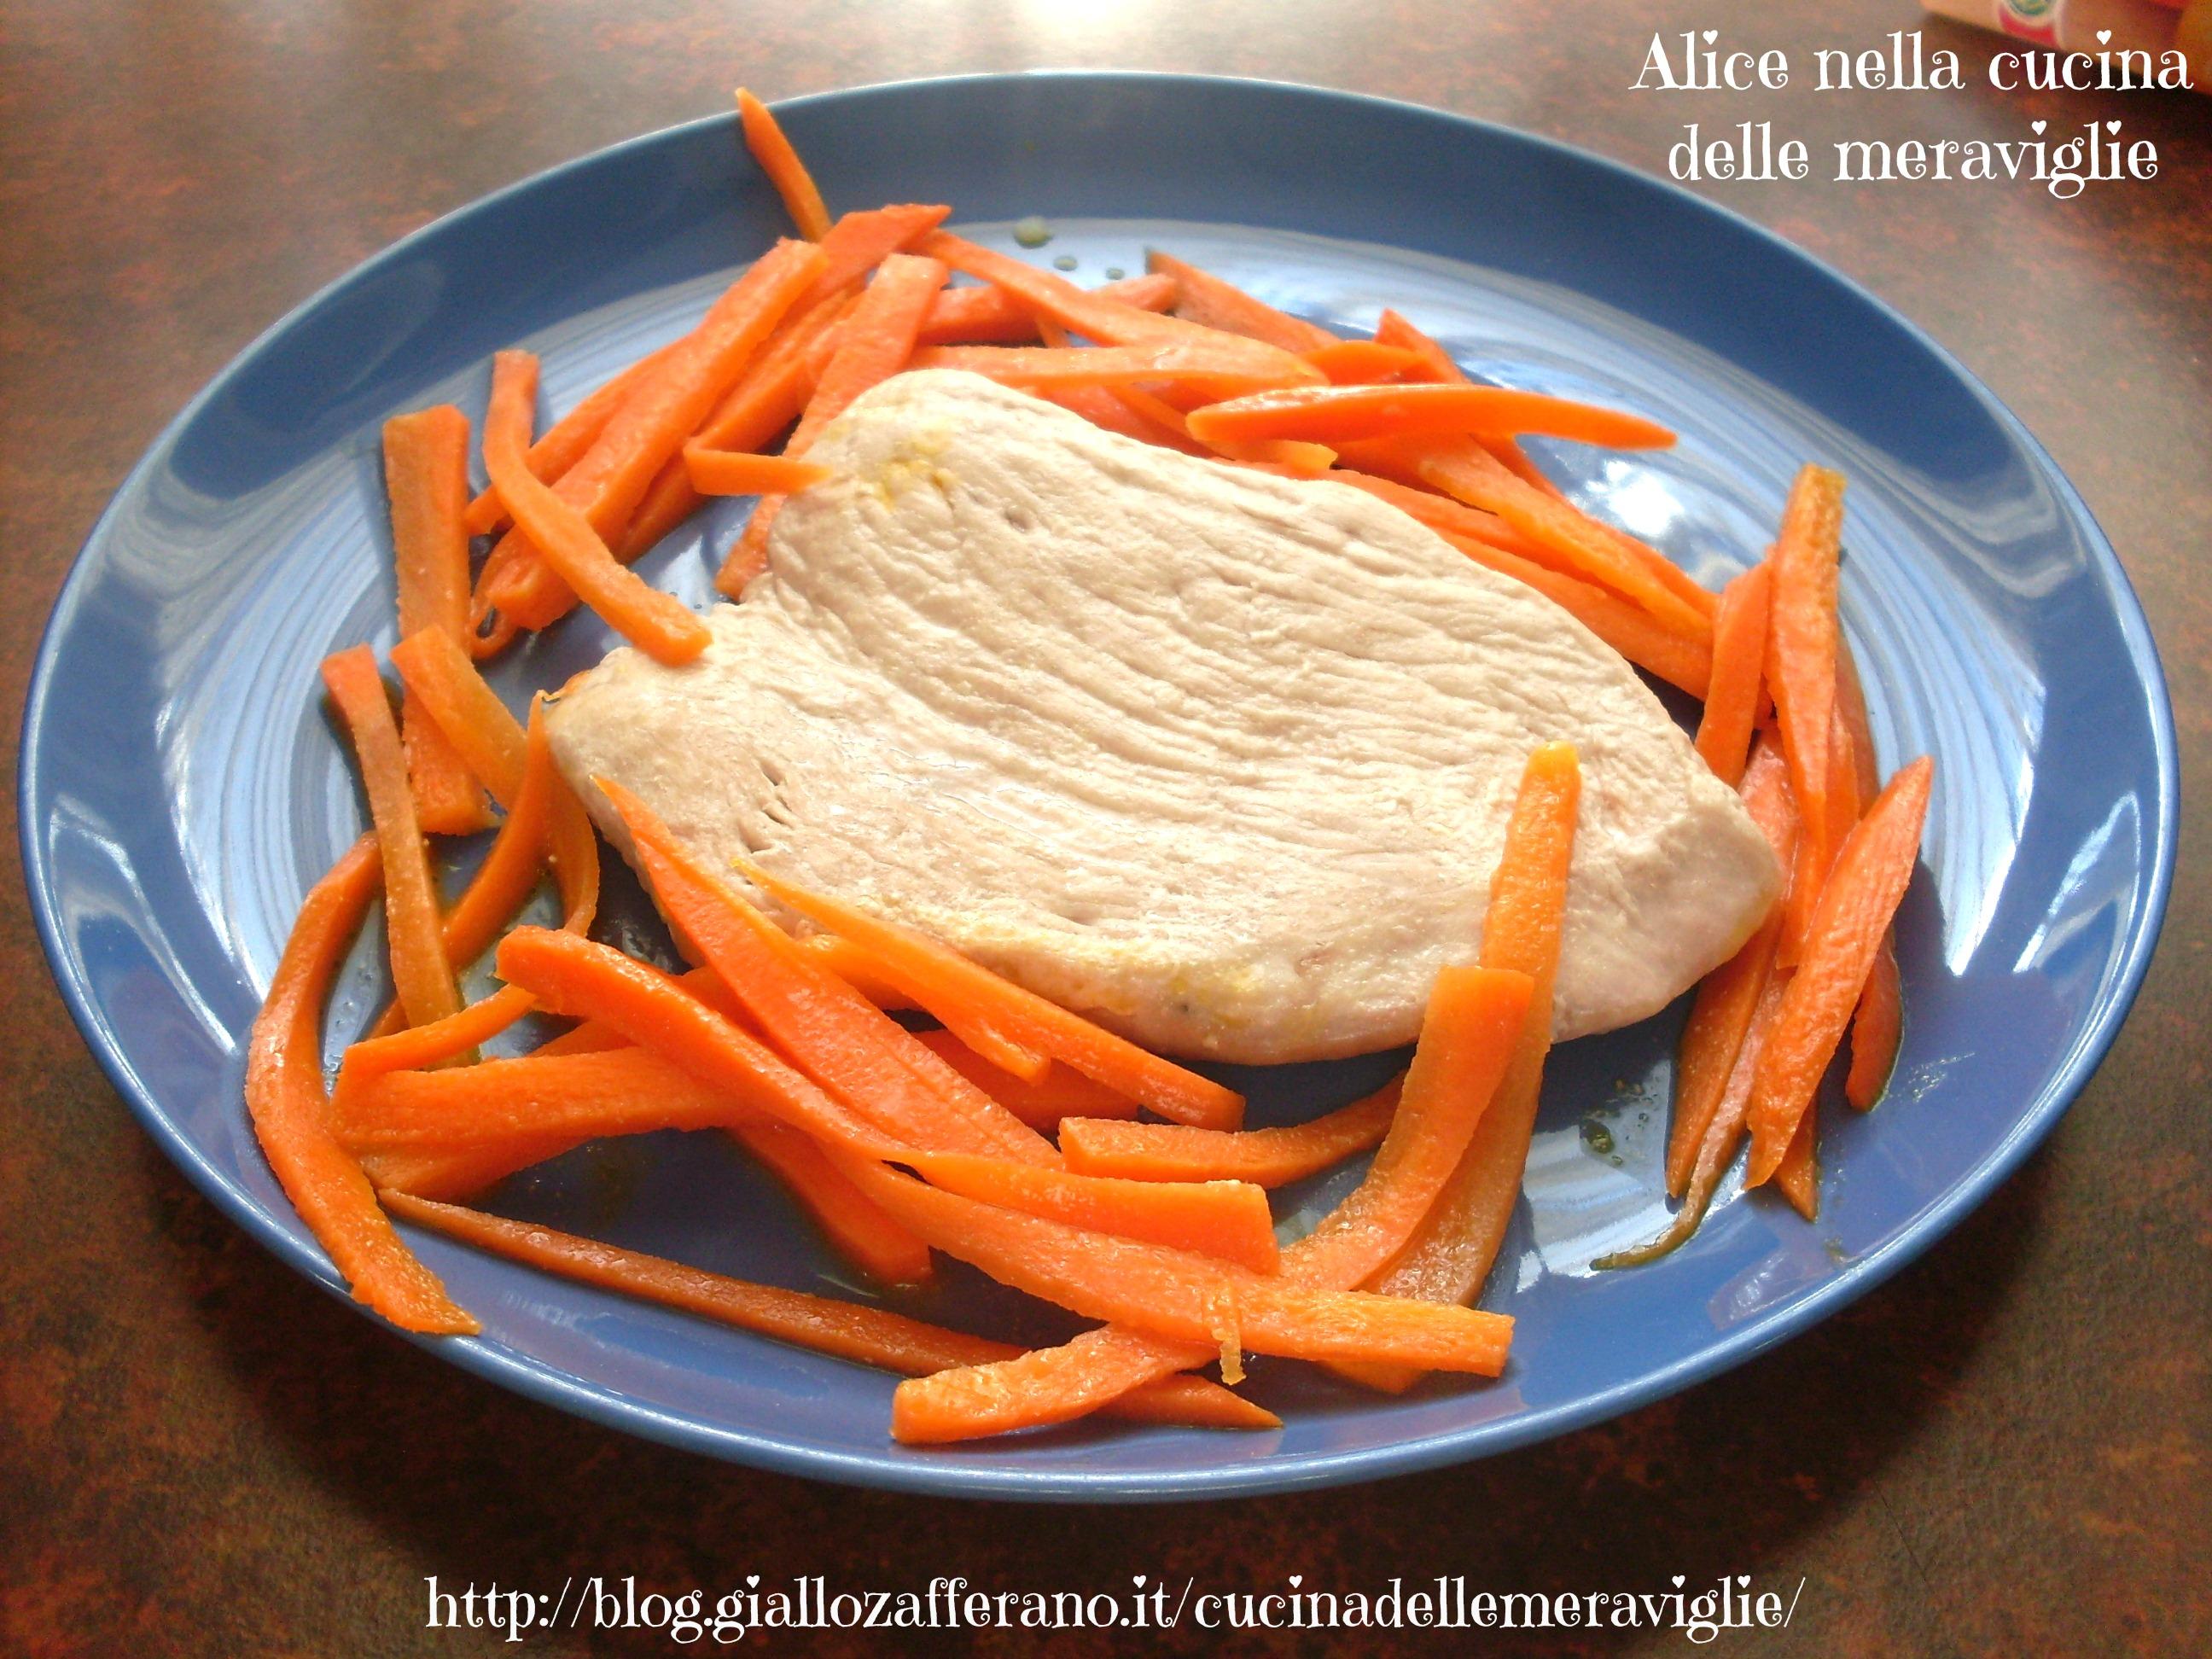 Tacchino e carote al burro Ricetta secondo Alice nella cucina delle meraviglie